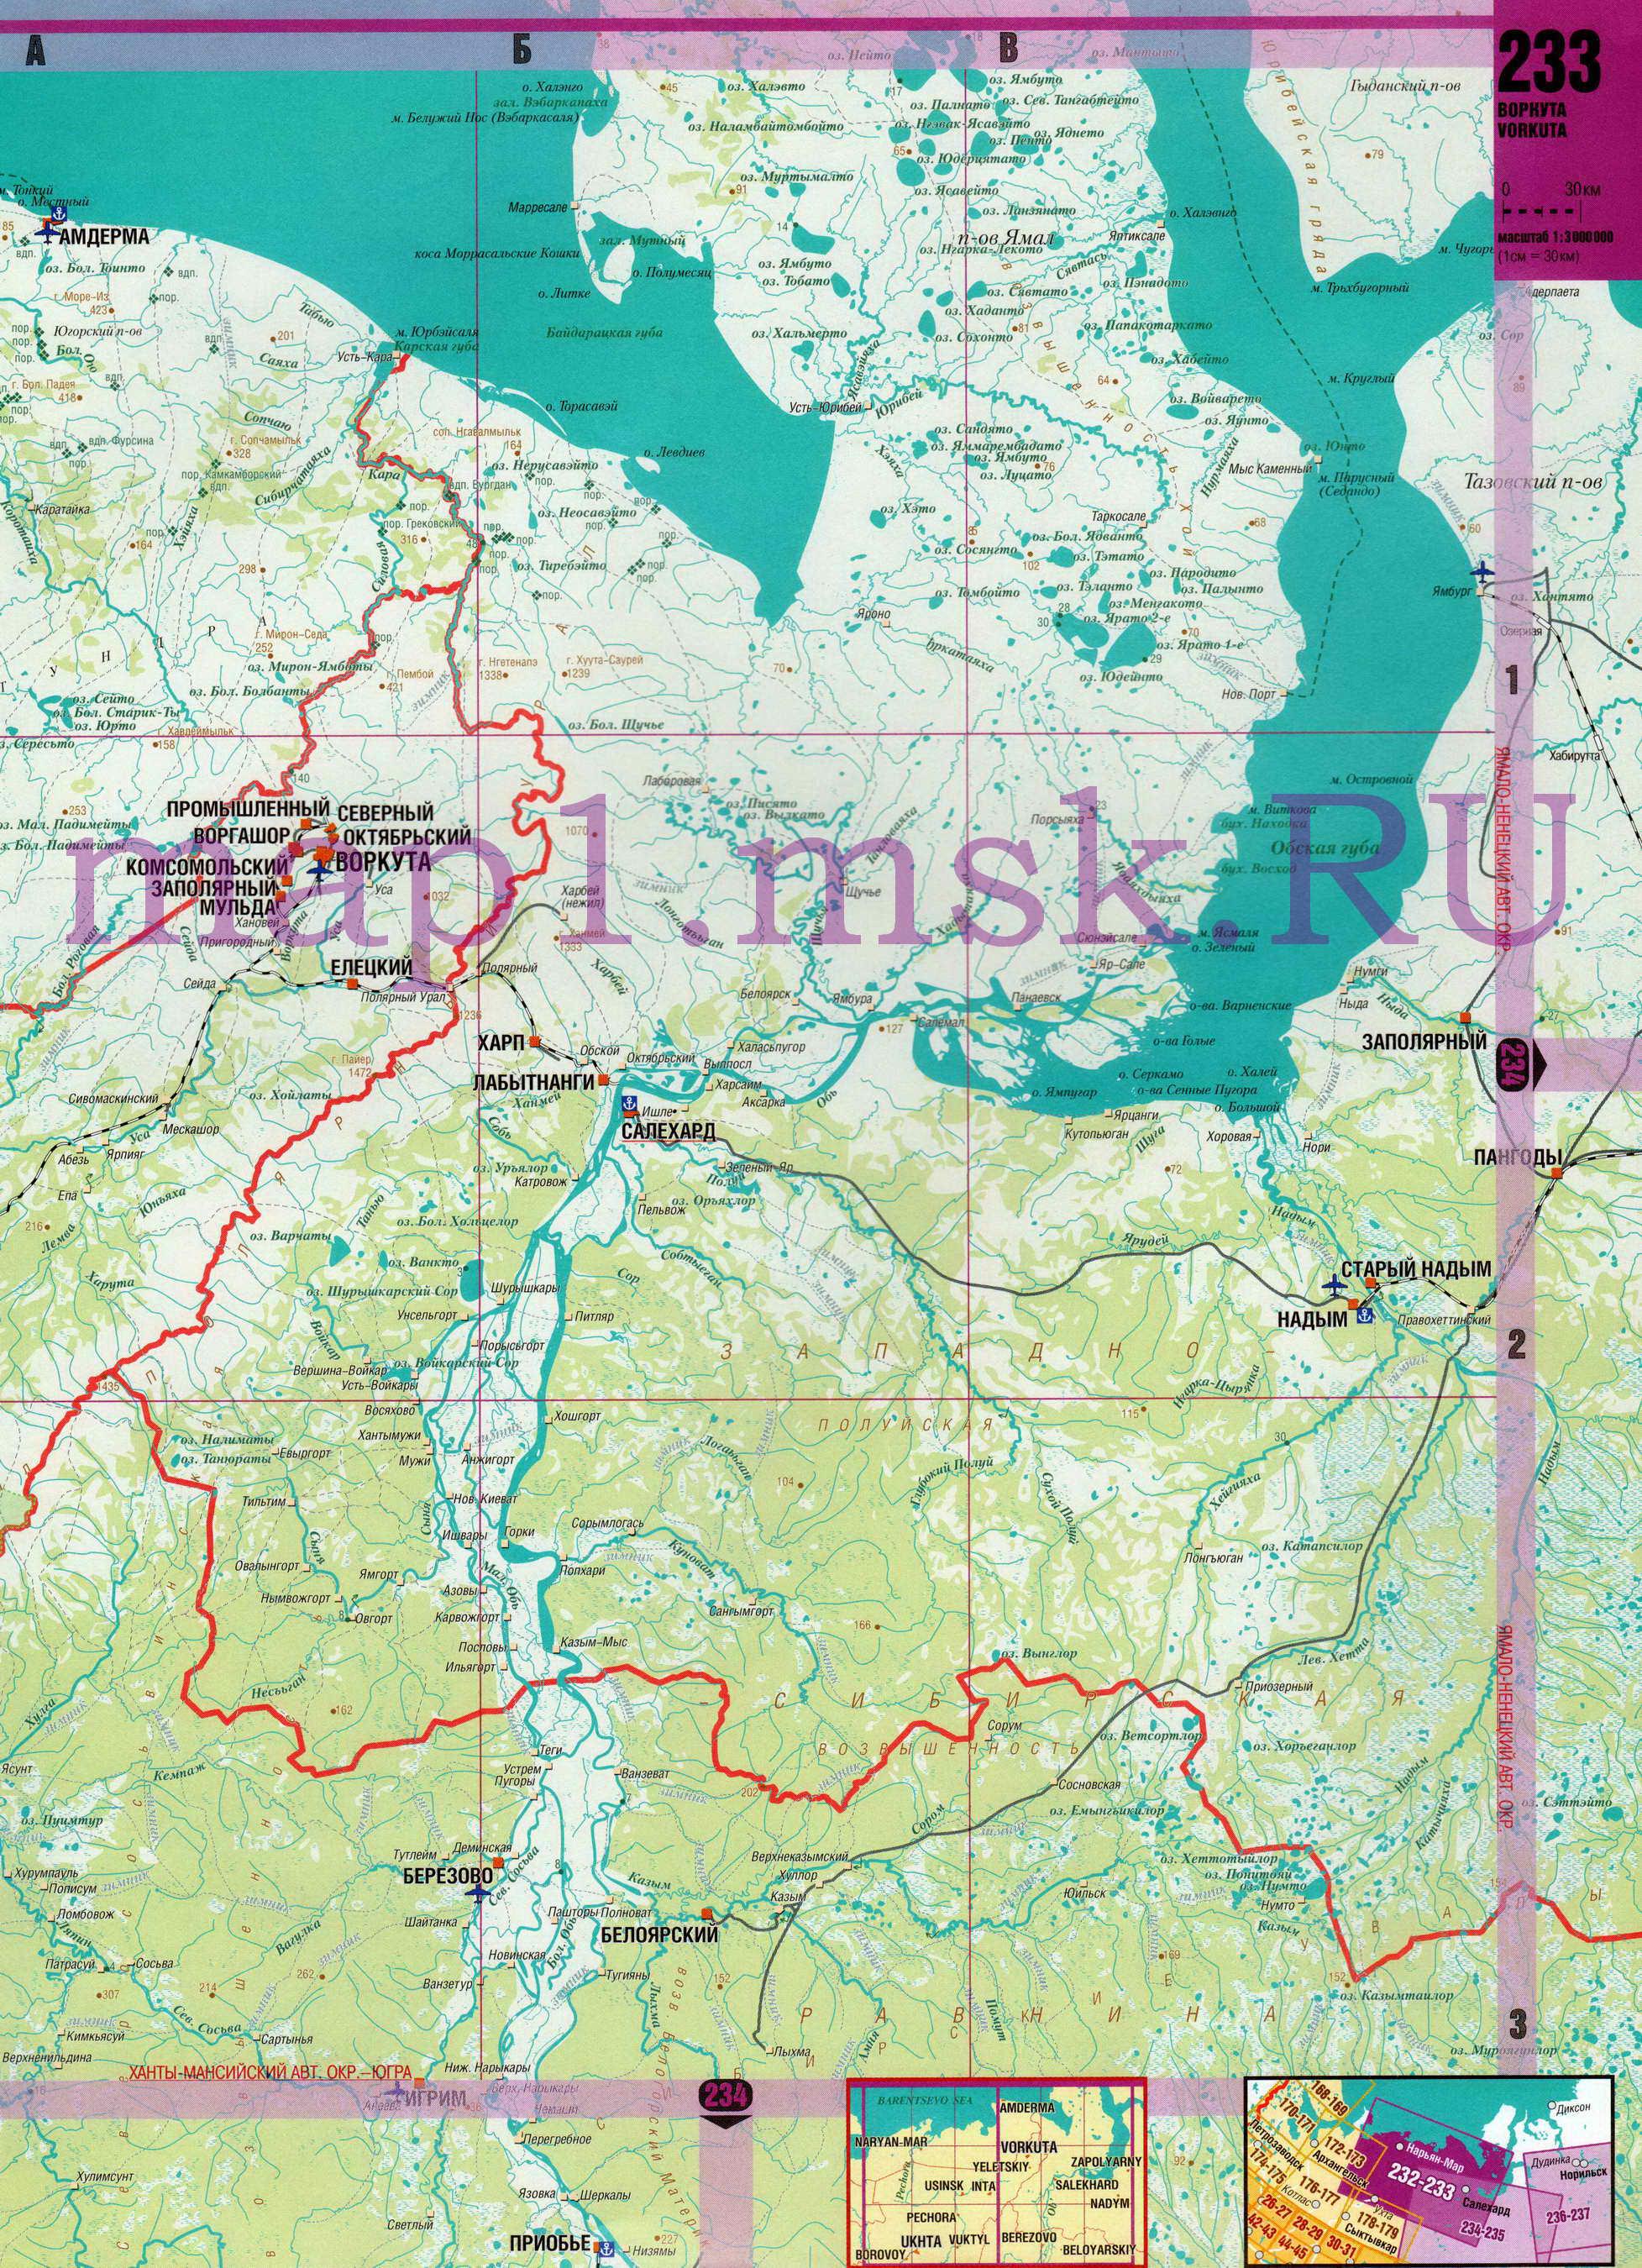 Карта Ямало-Ненецкого автономного округа ЯНАО. Подробная ...: http://obl-map.ru/map641178_0_0.htm